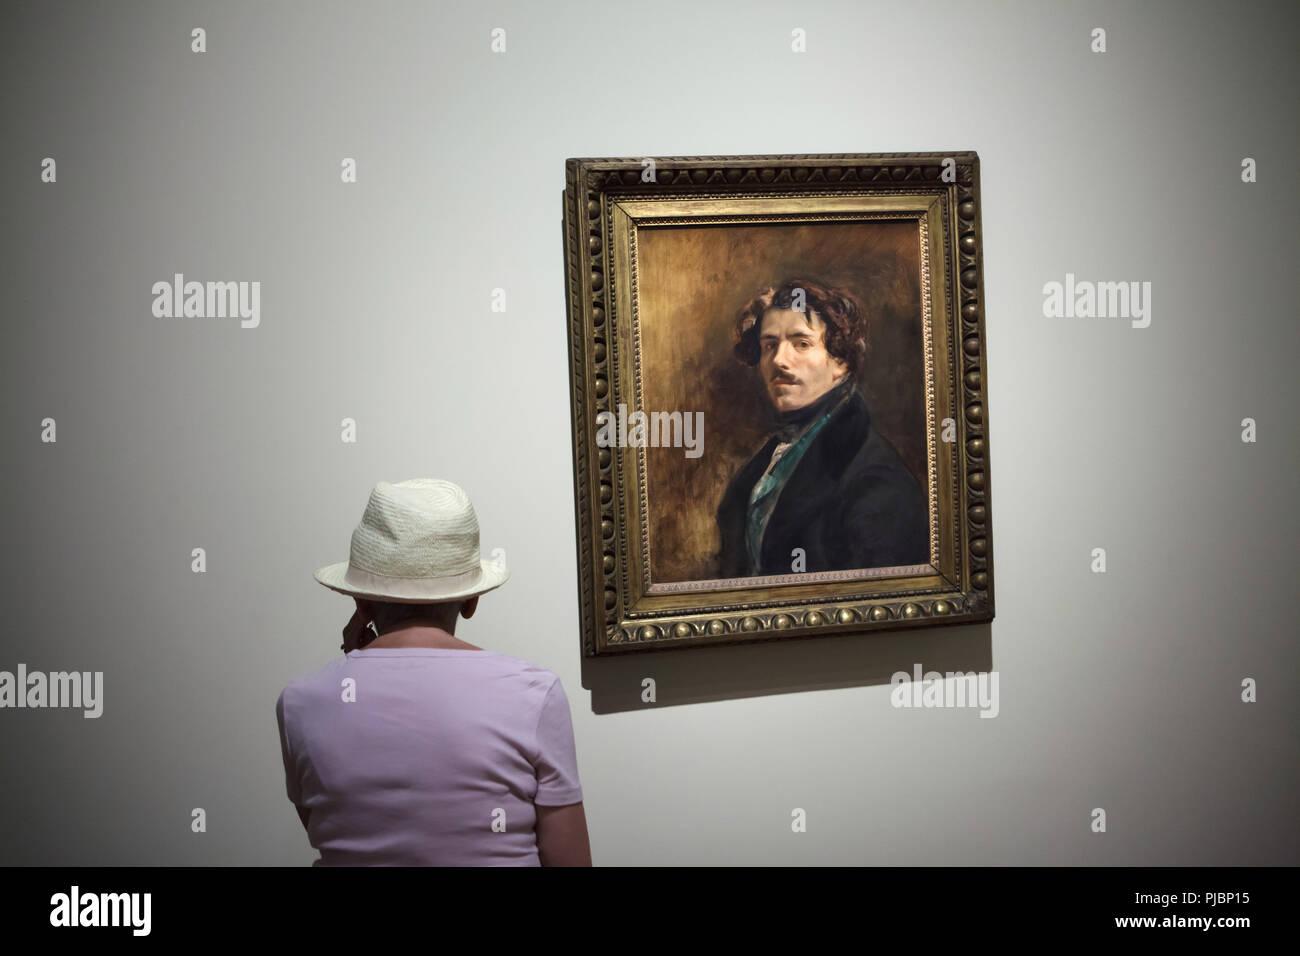 """Besucher vor der Self-portrait von Französischen romantischen Maler Eugène Delacroix, bekannt als """"Self-portrait in der grüne Weste' (1837) an seiner Retrospektive im Musée du Louvre in Paris, Frankreich angezeigt. Die Ausstellung, die Meisterwerke der Führer der französischen Romantik läuft bis 23. Juli 2018. Stockbild"""